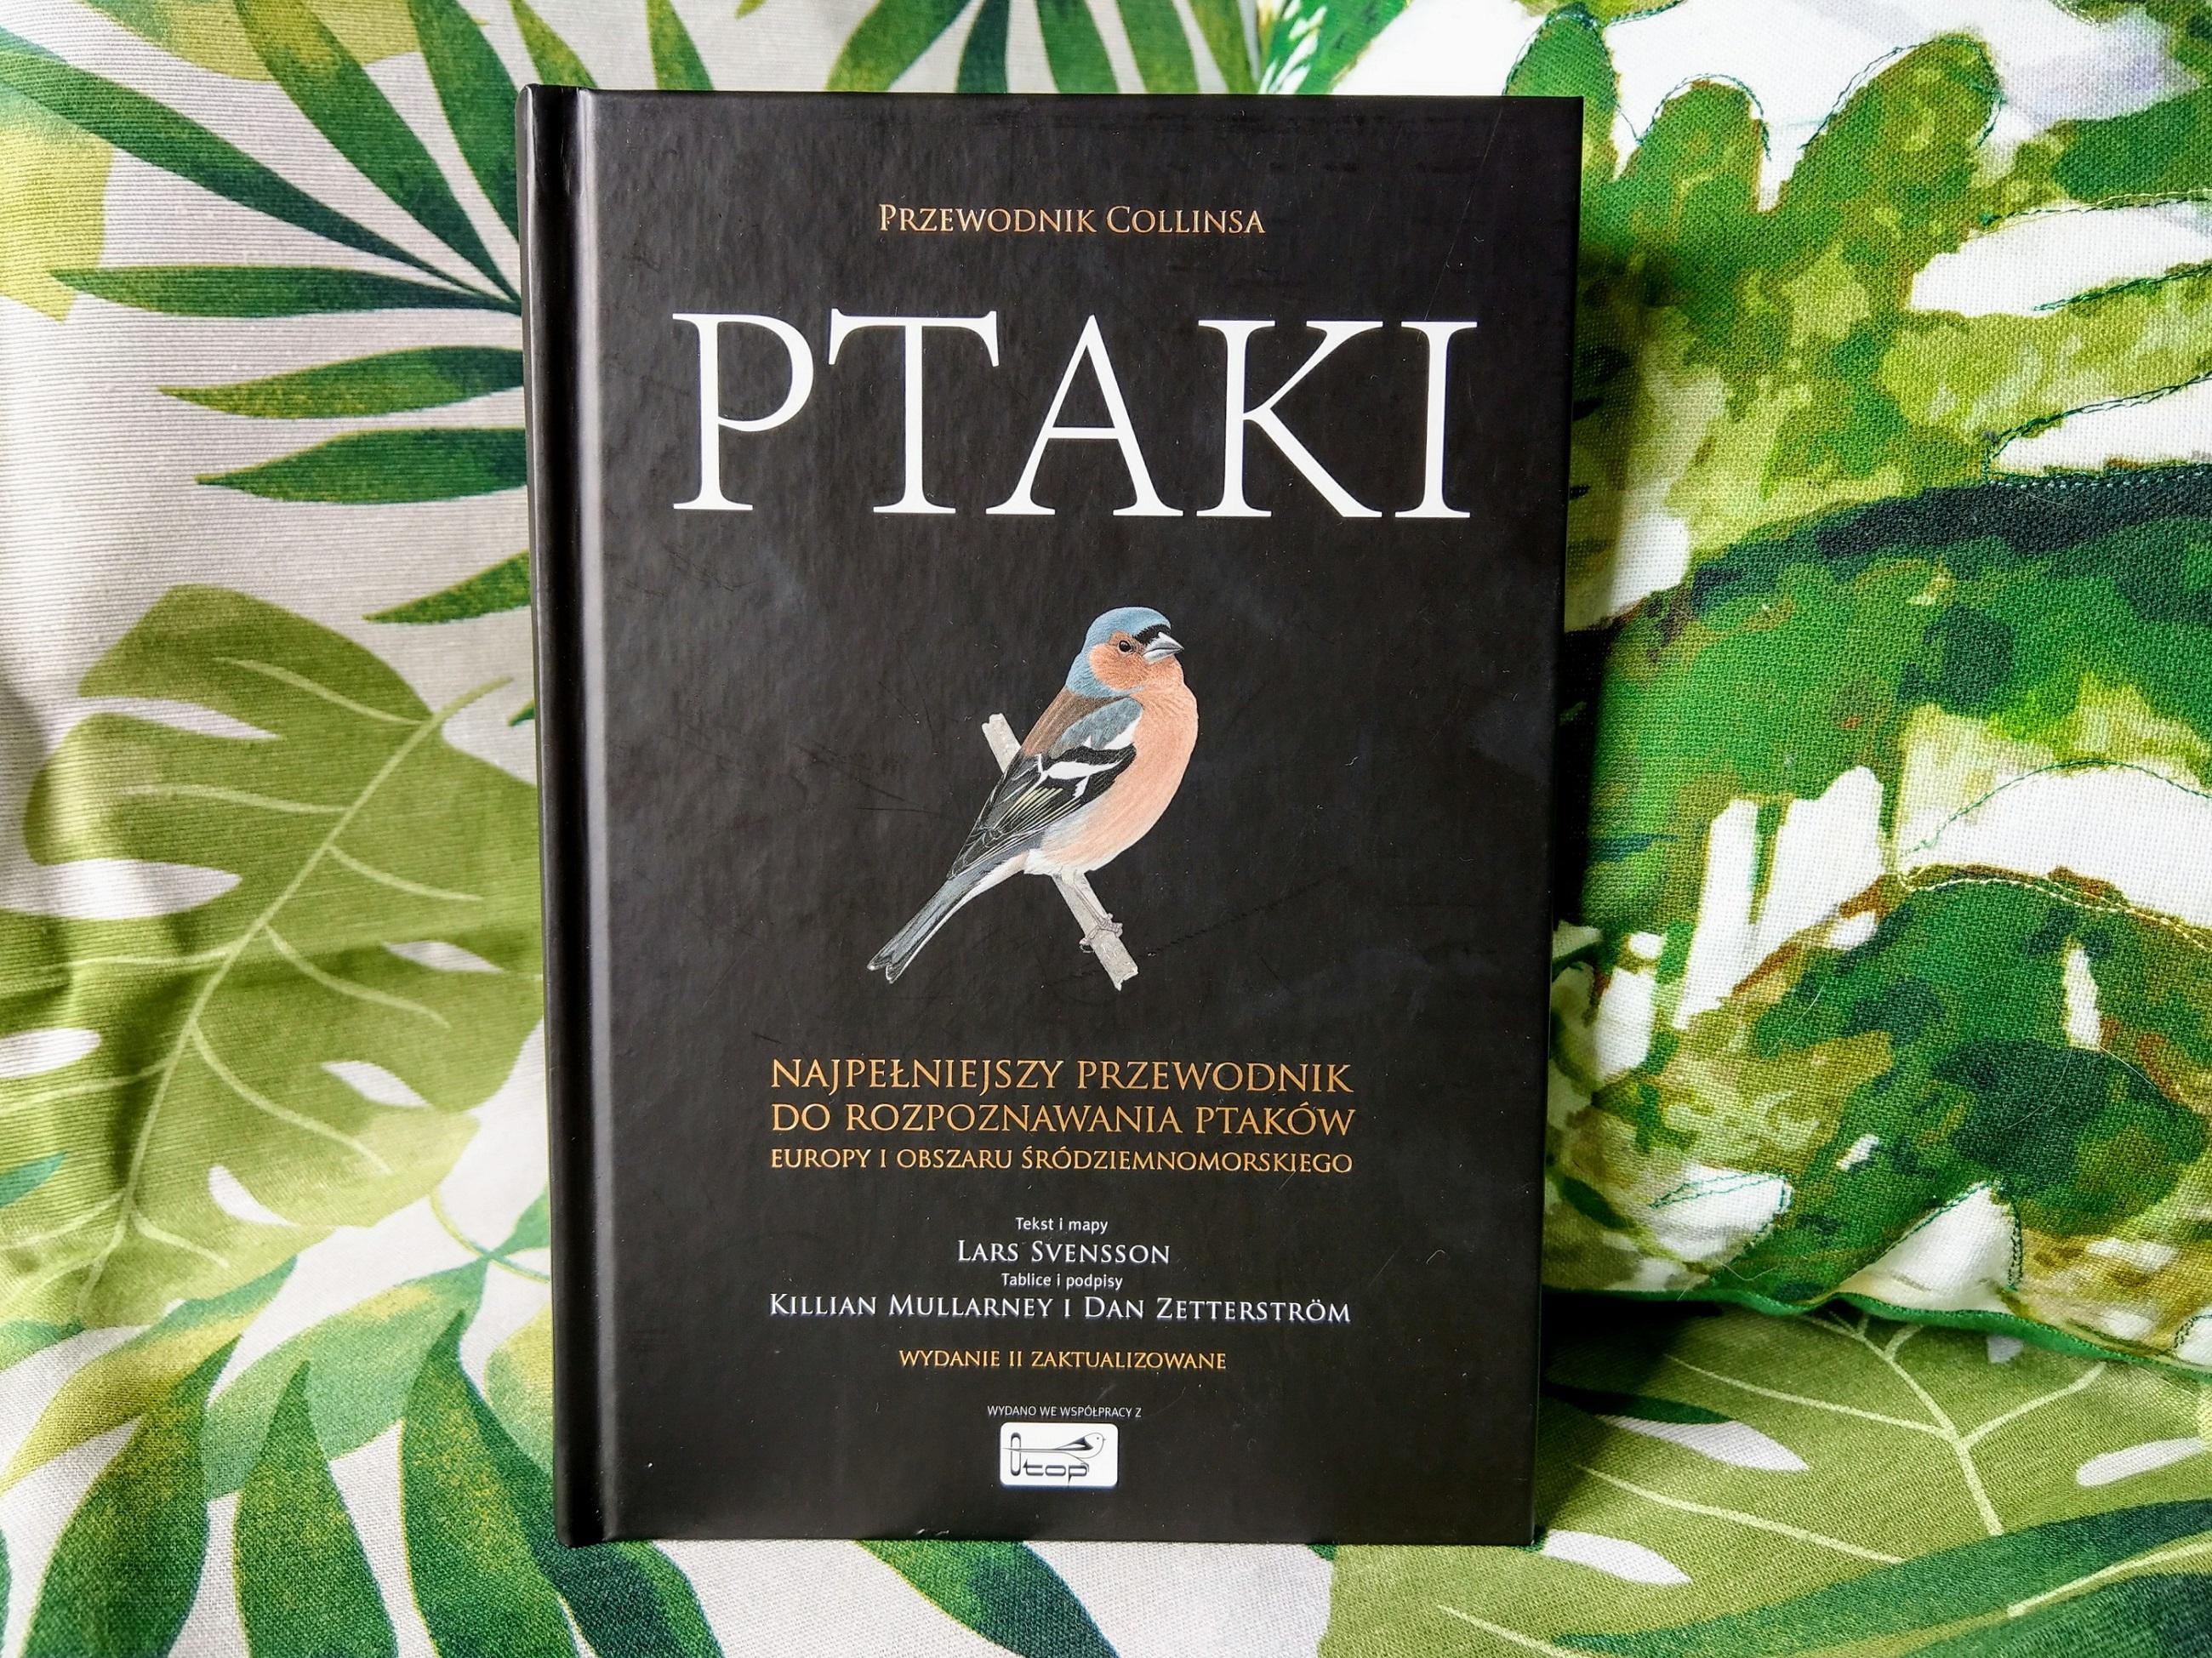 Ptaki Collinsa, przewodnik po ptakach, album, encyklopedia, najlepsza książka, obserwowanie ptaków, birdwatching, recenzja, blog o dzikich zwierzętach, animalistka.pl